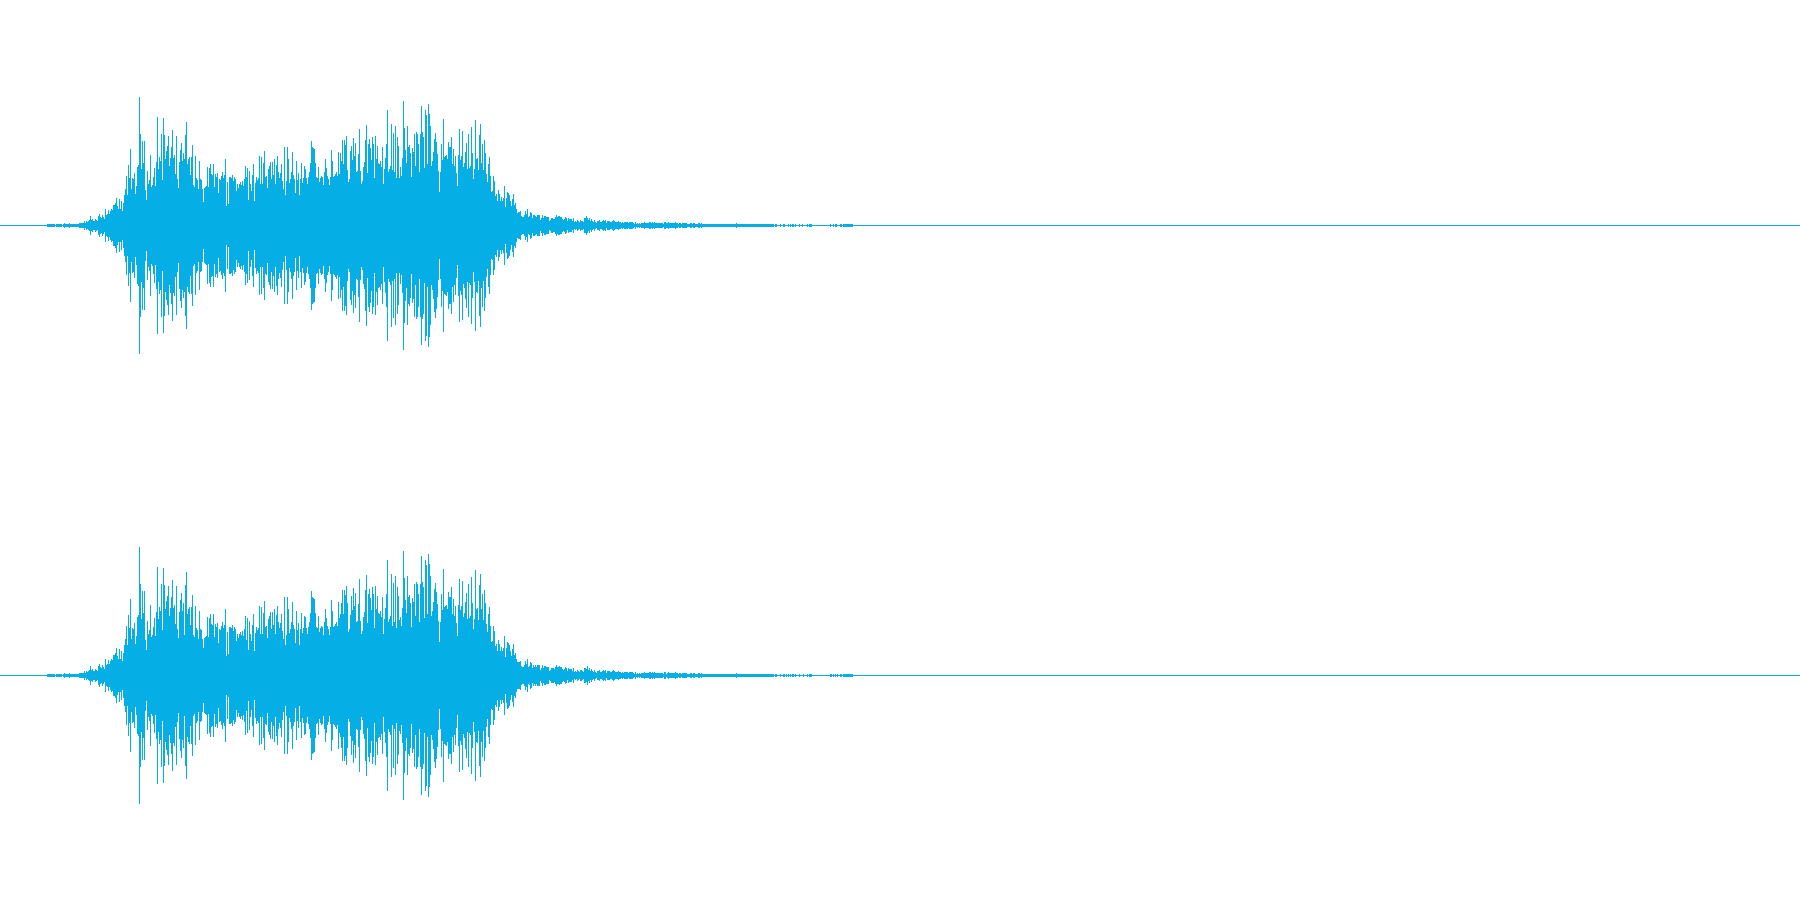 「ビリビリ」紙を破く音。の再生済みの波形